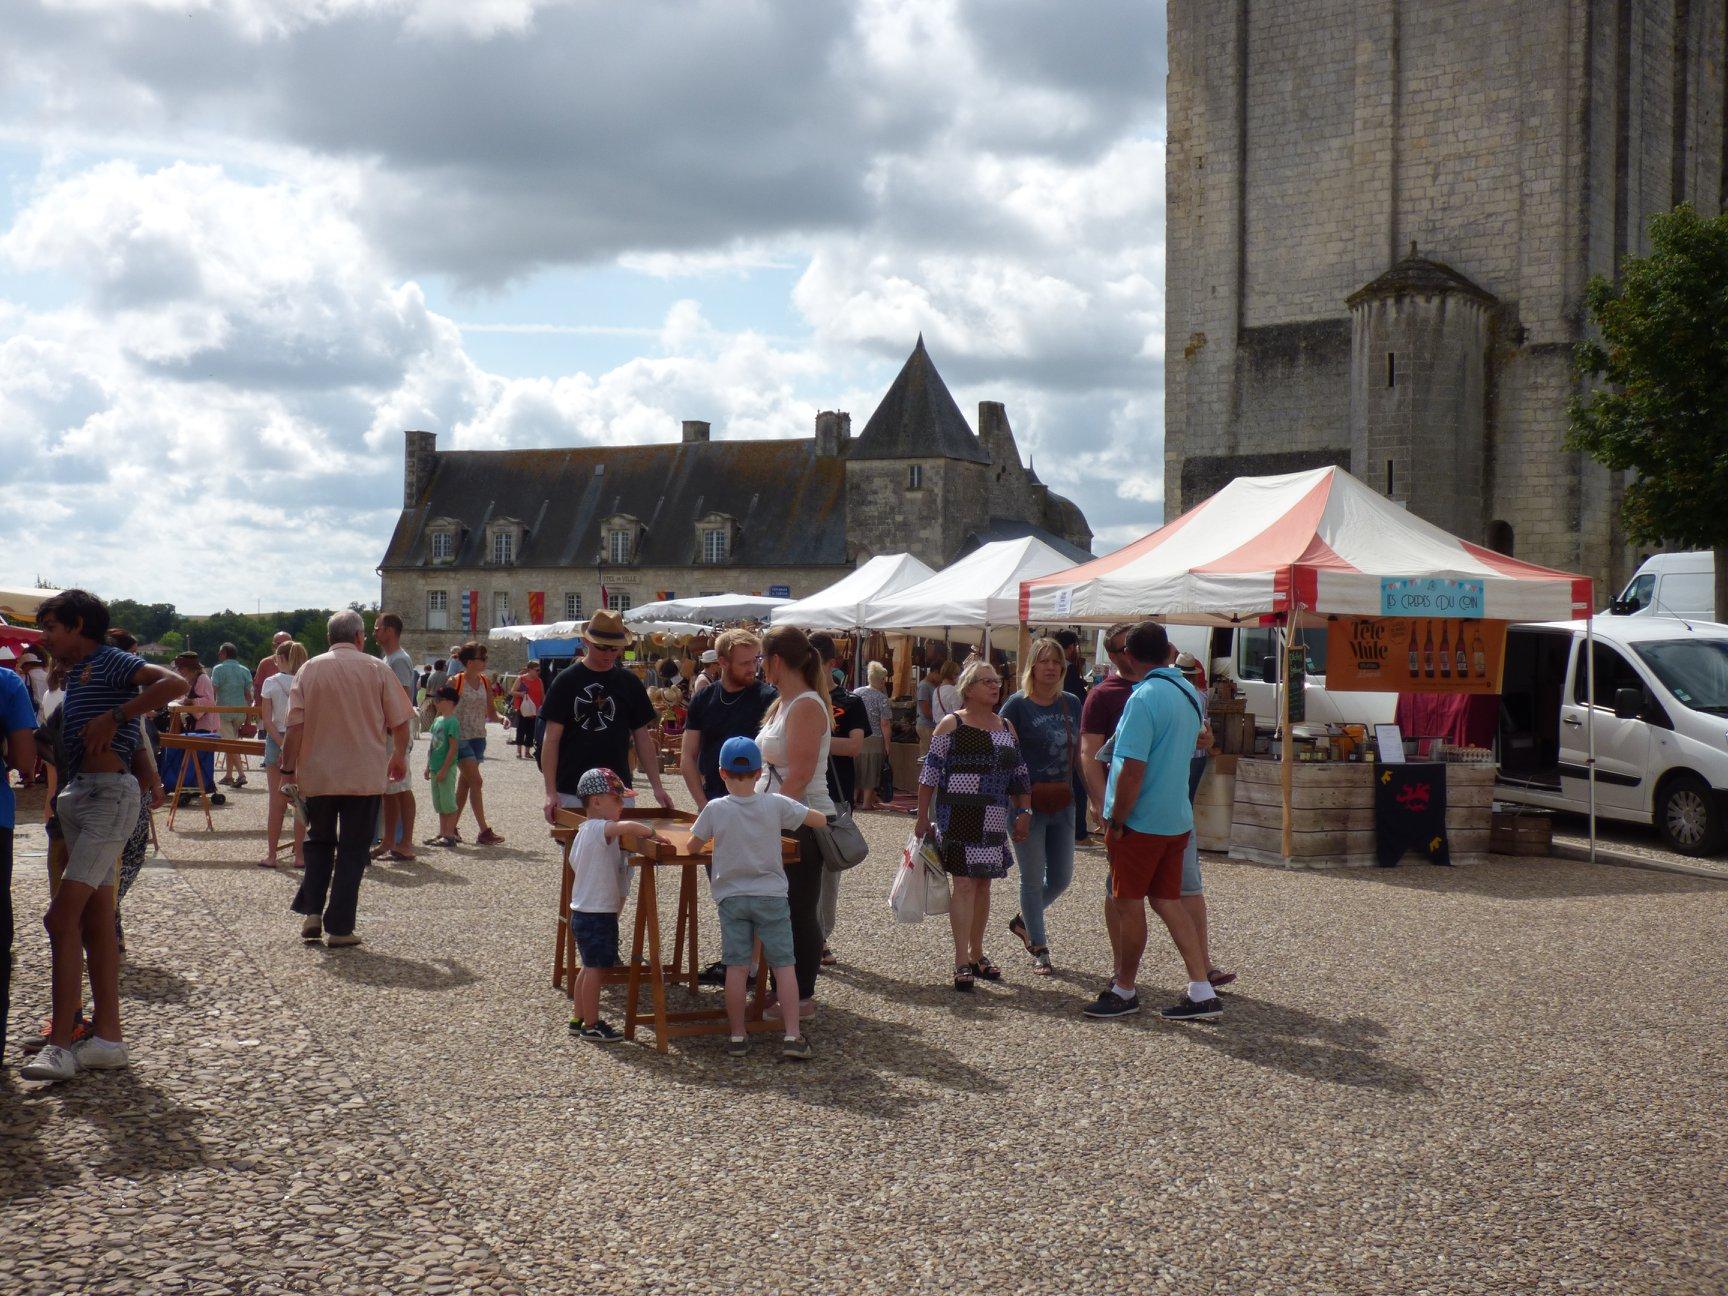 Fête médiévale Pons juillet 2018 - 04